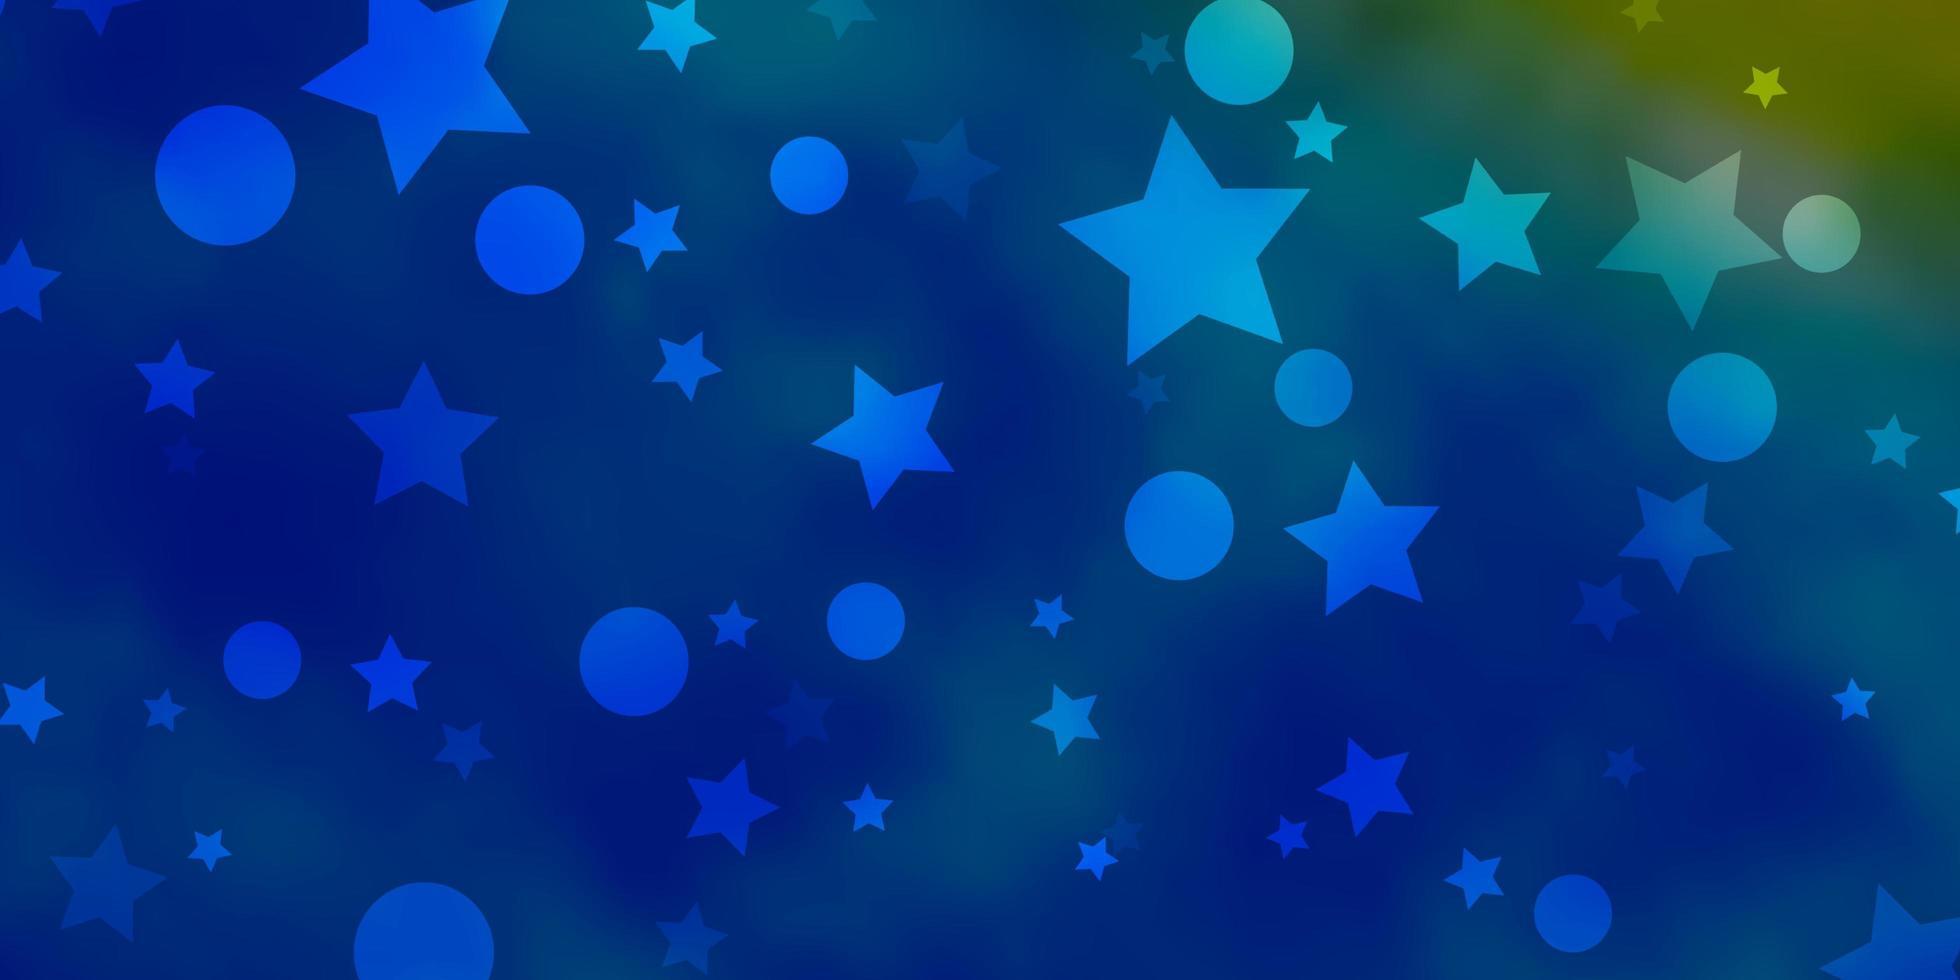 hellblauer, gelber Vektorhintergrund mit Kreisen, Sternen. vektor